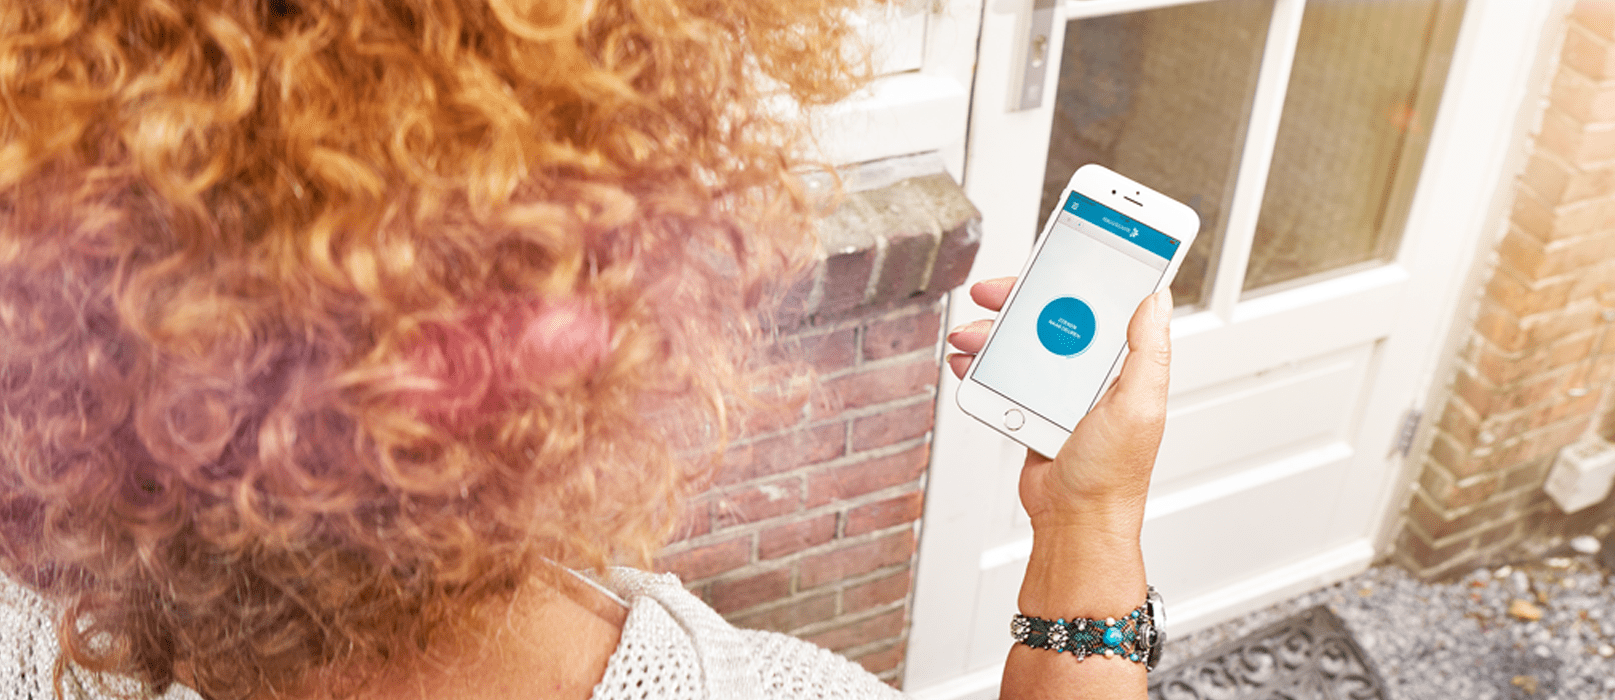 Mantelzorger opent de deur met de app van cKey